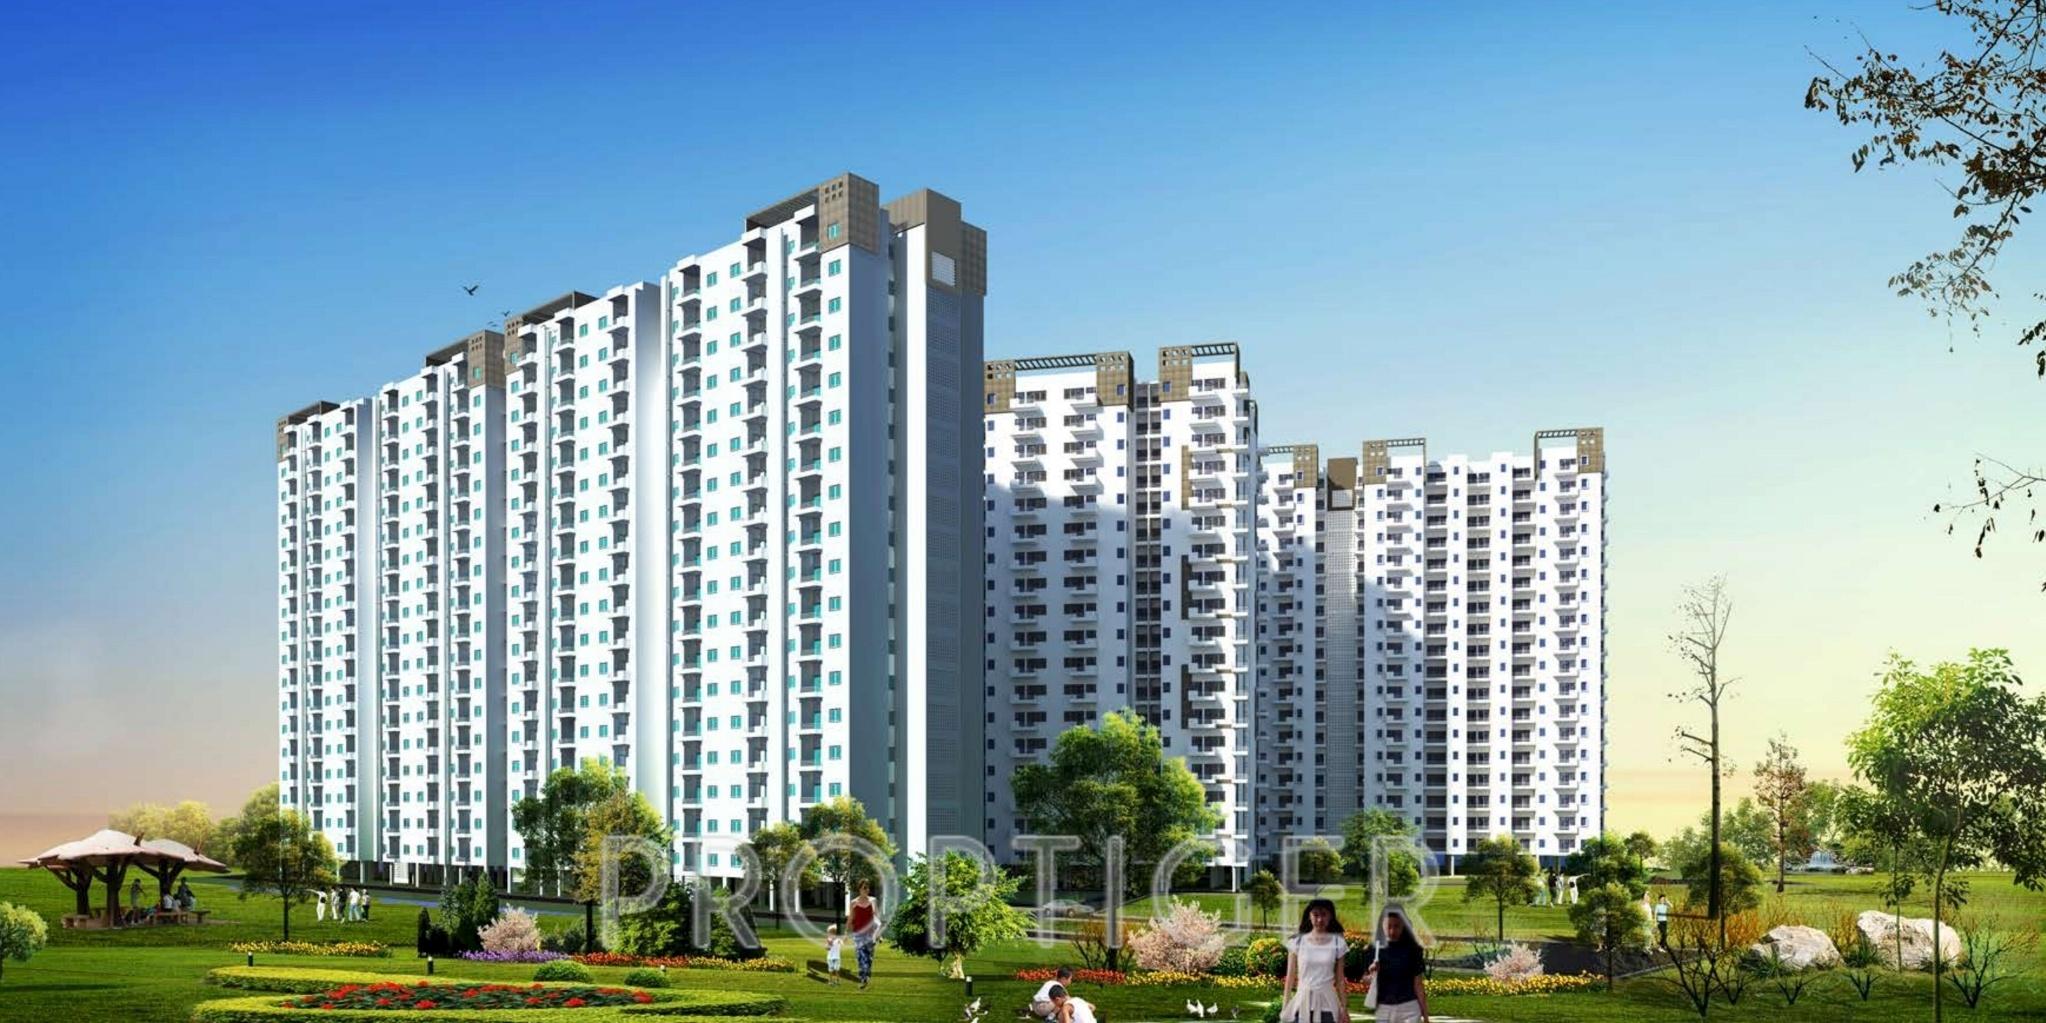 Crescent Crescent Apartments In Uattardhona Lucknow